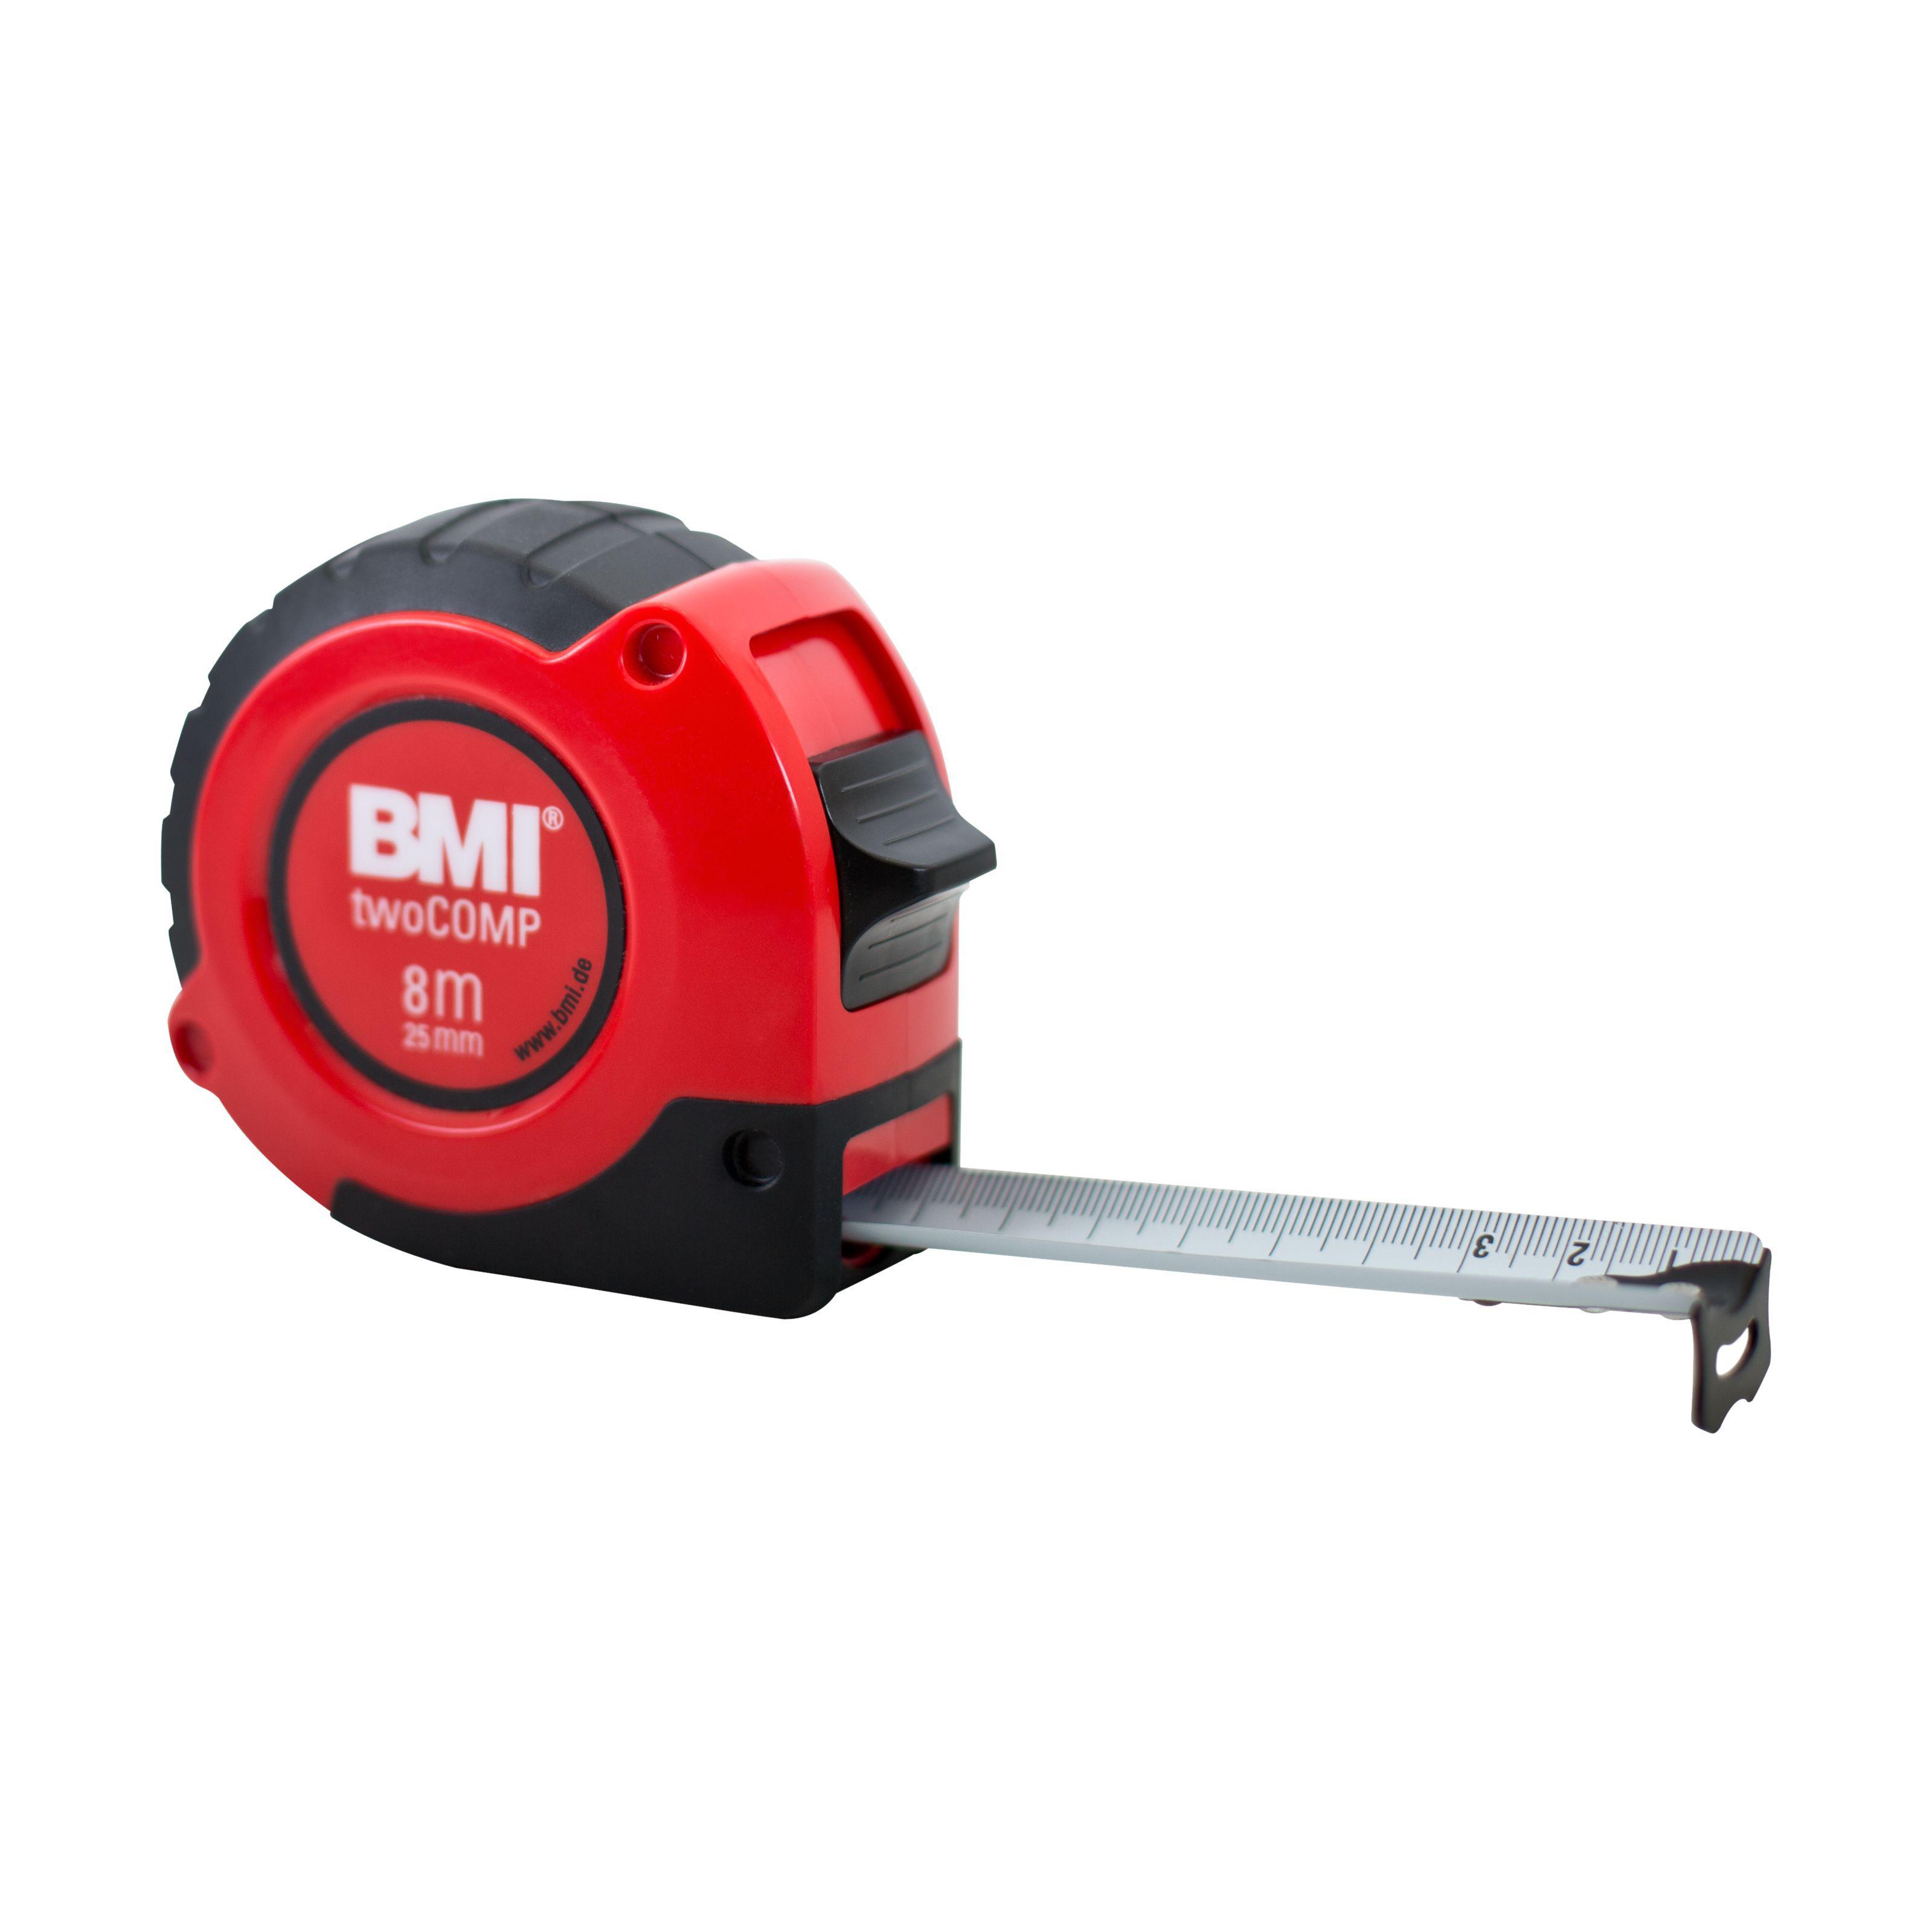 Измерительная рулетка BMI twoCOMP 8 M